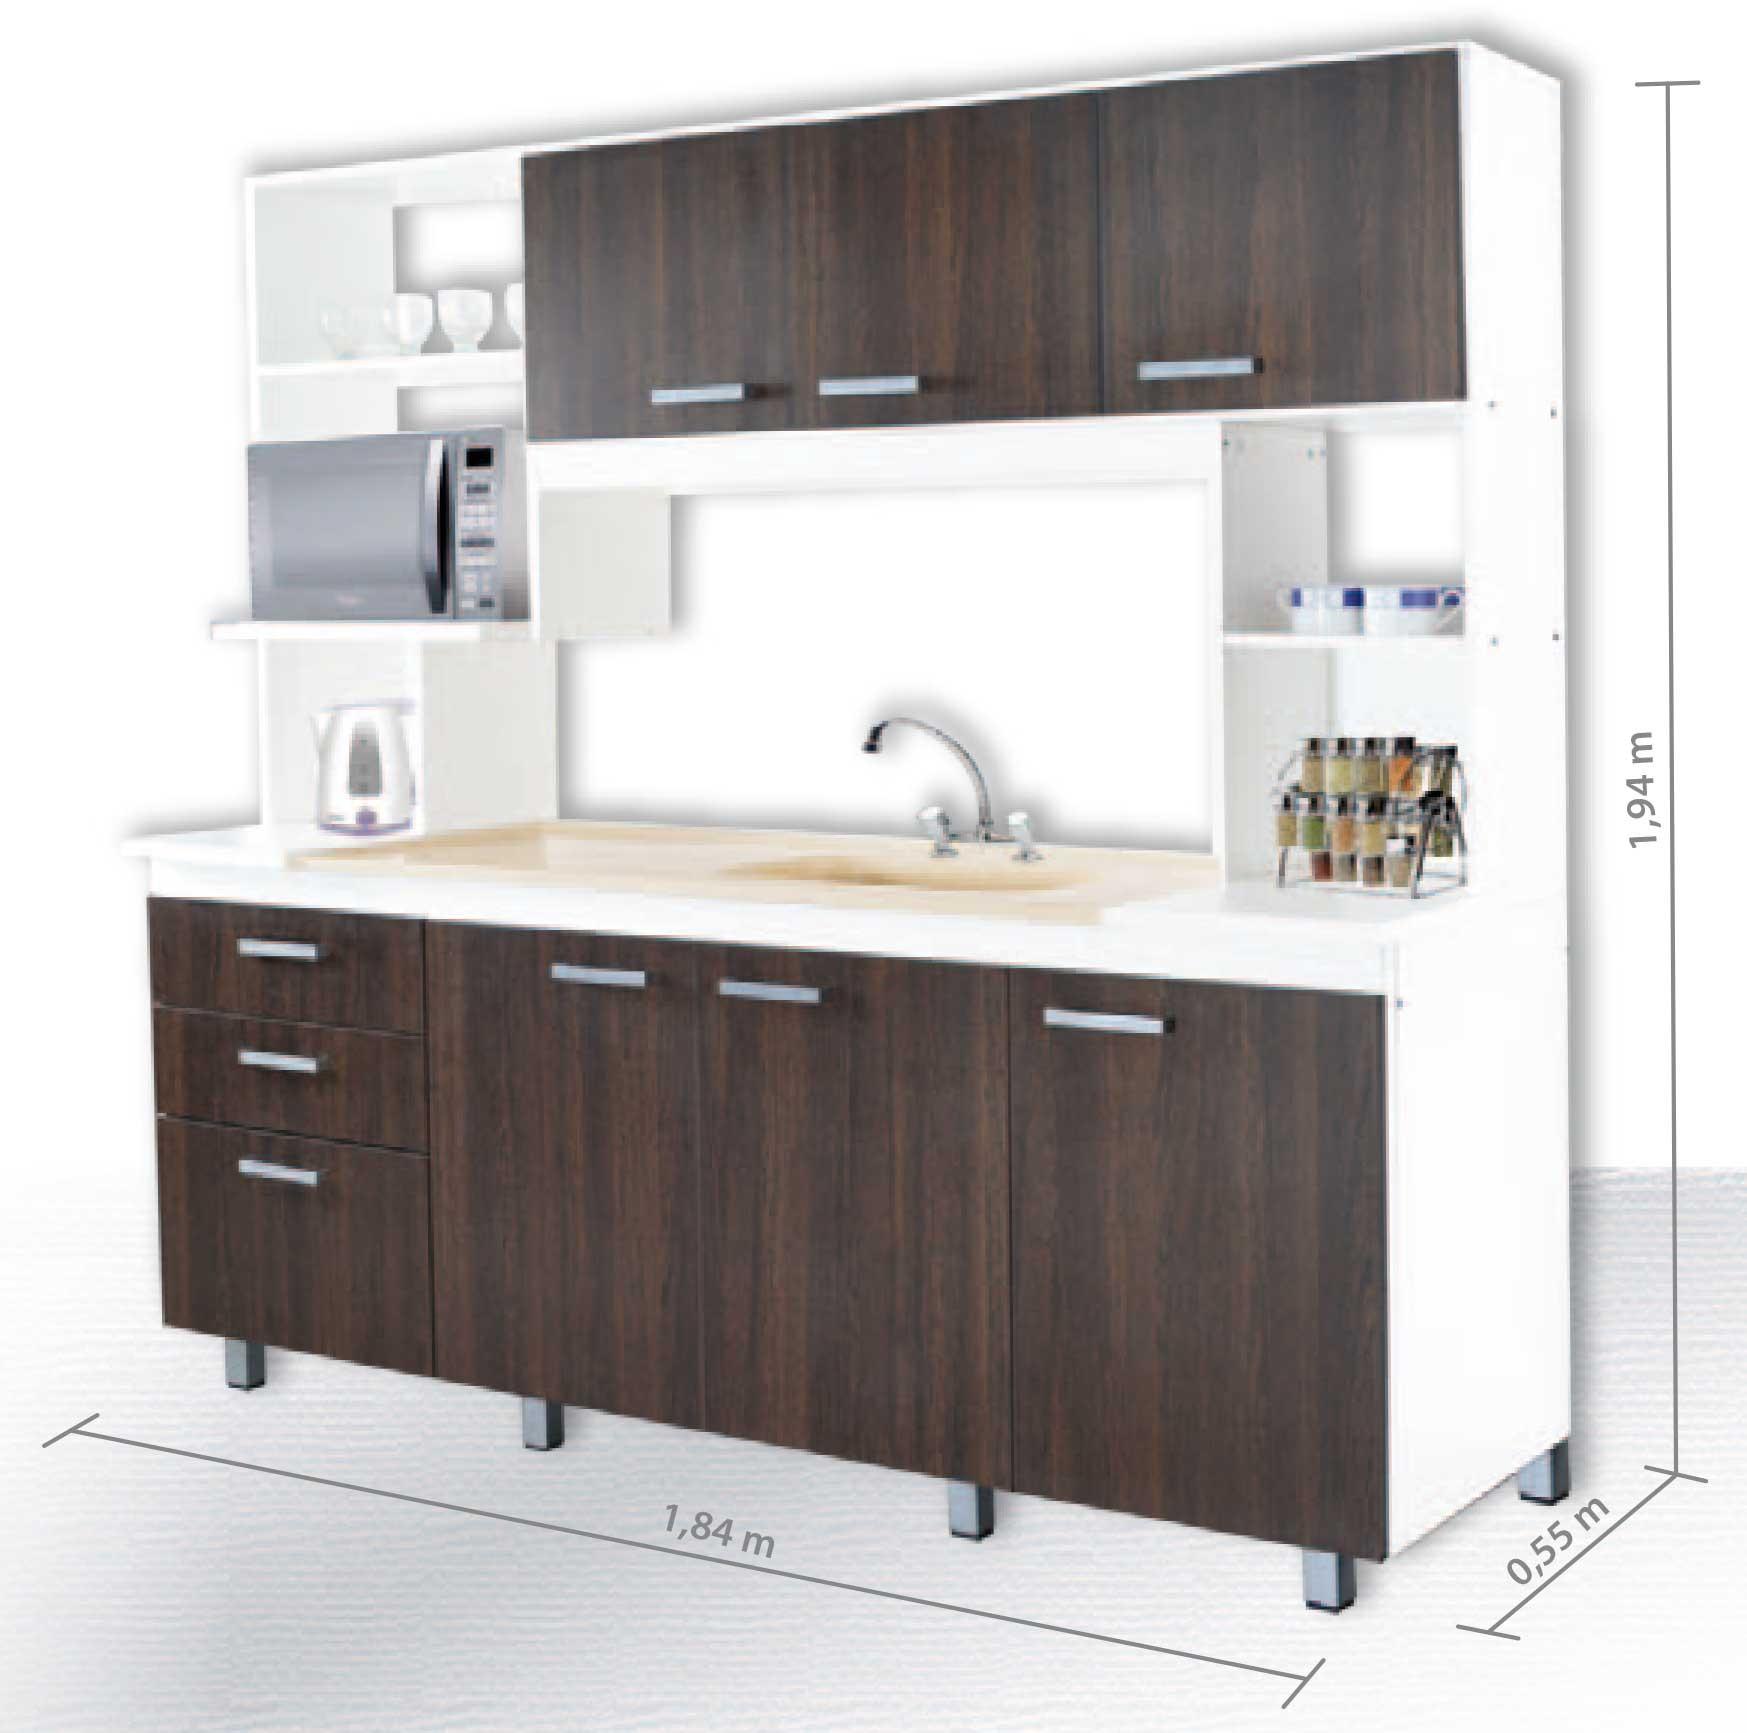 Muebles rekalde kit obtenga ideas dise o de muebles para for Comprar muebles de cocina en kit